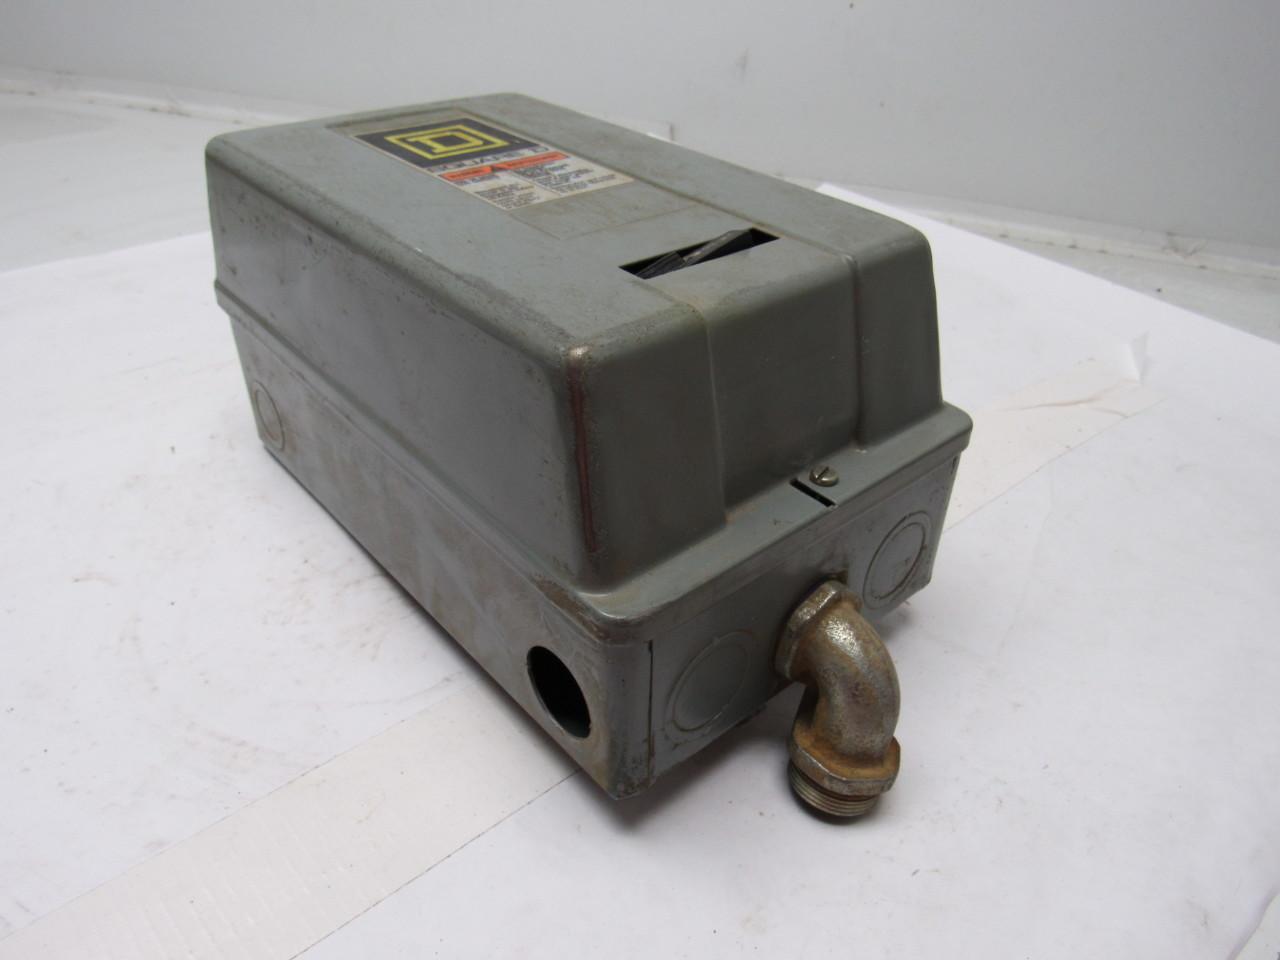 Square D 8536sbg2 Motor Starter 120v Nema Size 1 W 30072